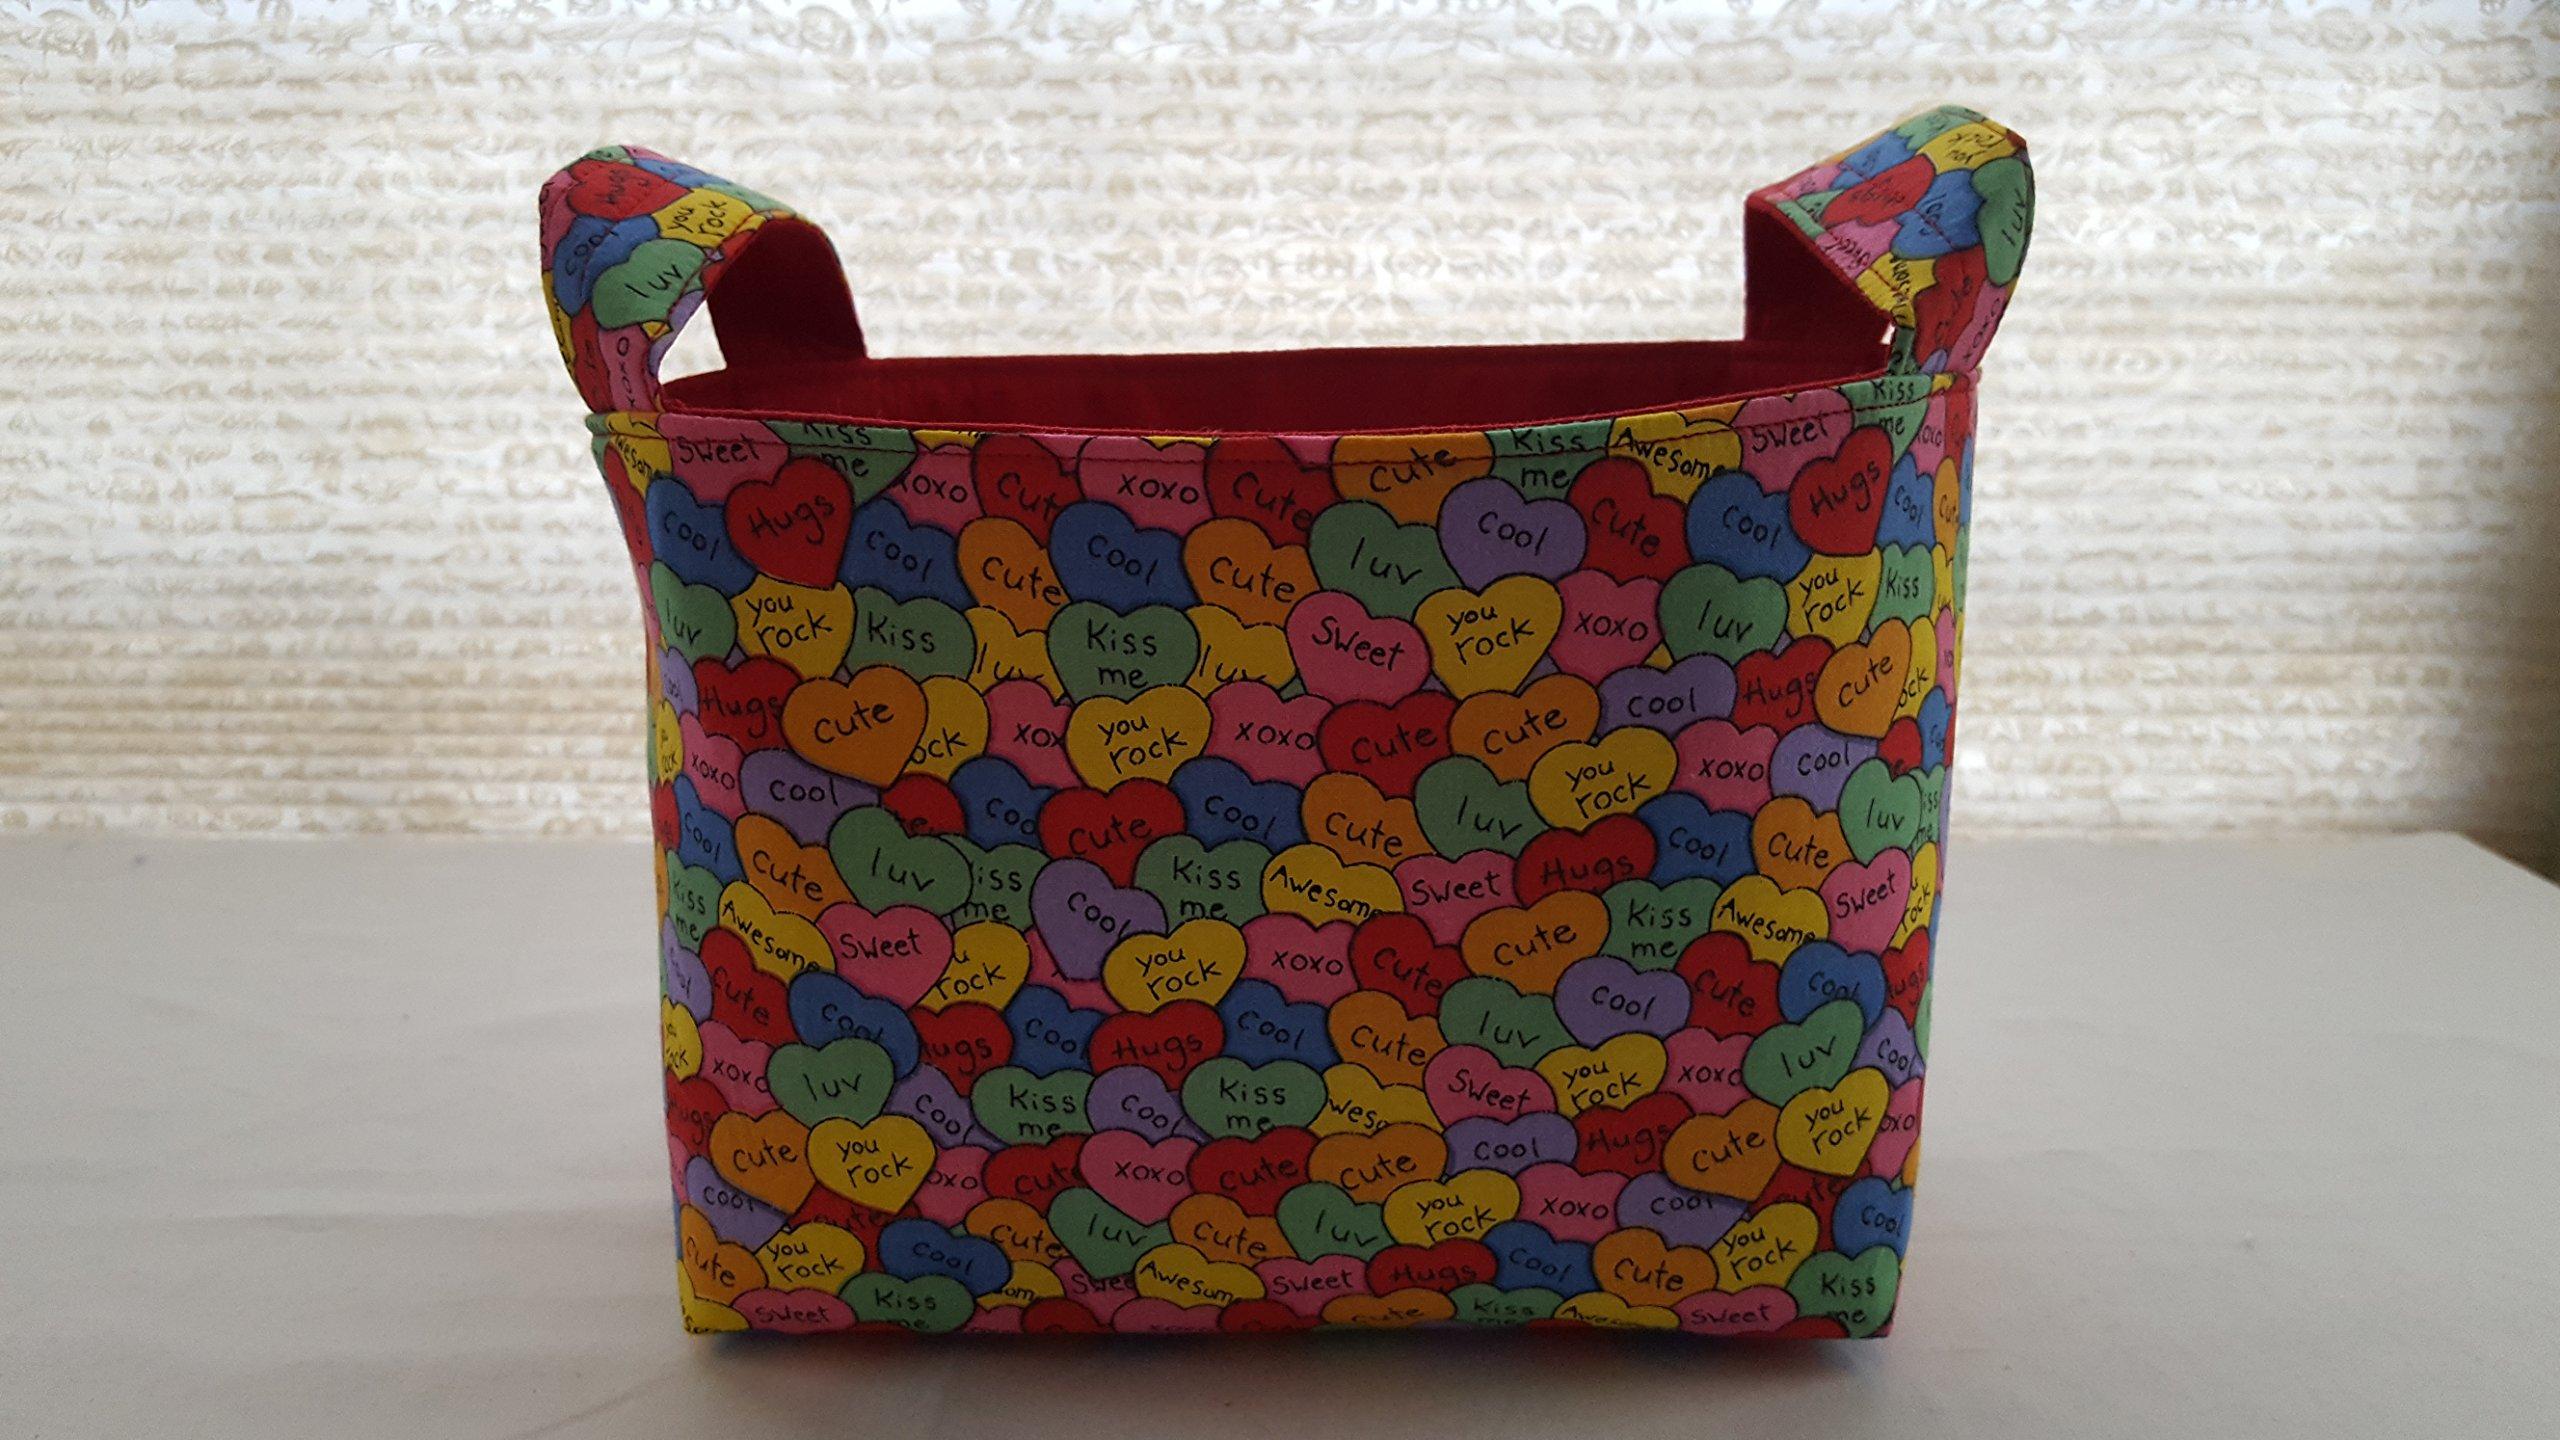 Valentine's Day Fabric Organizer Basket Bin Caddy Storage Container - Valentine Love Kisses